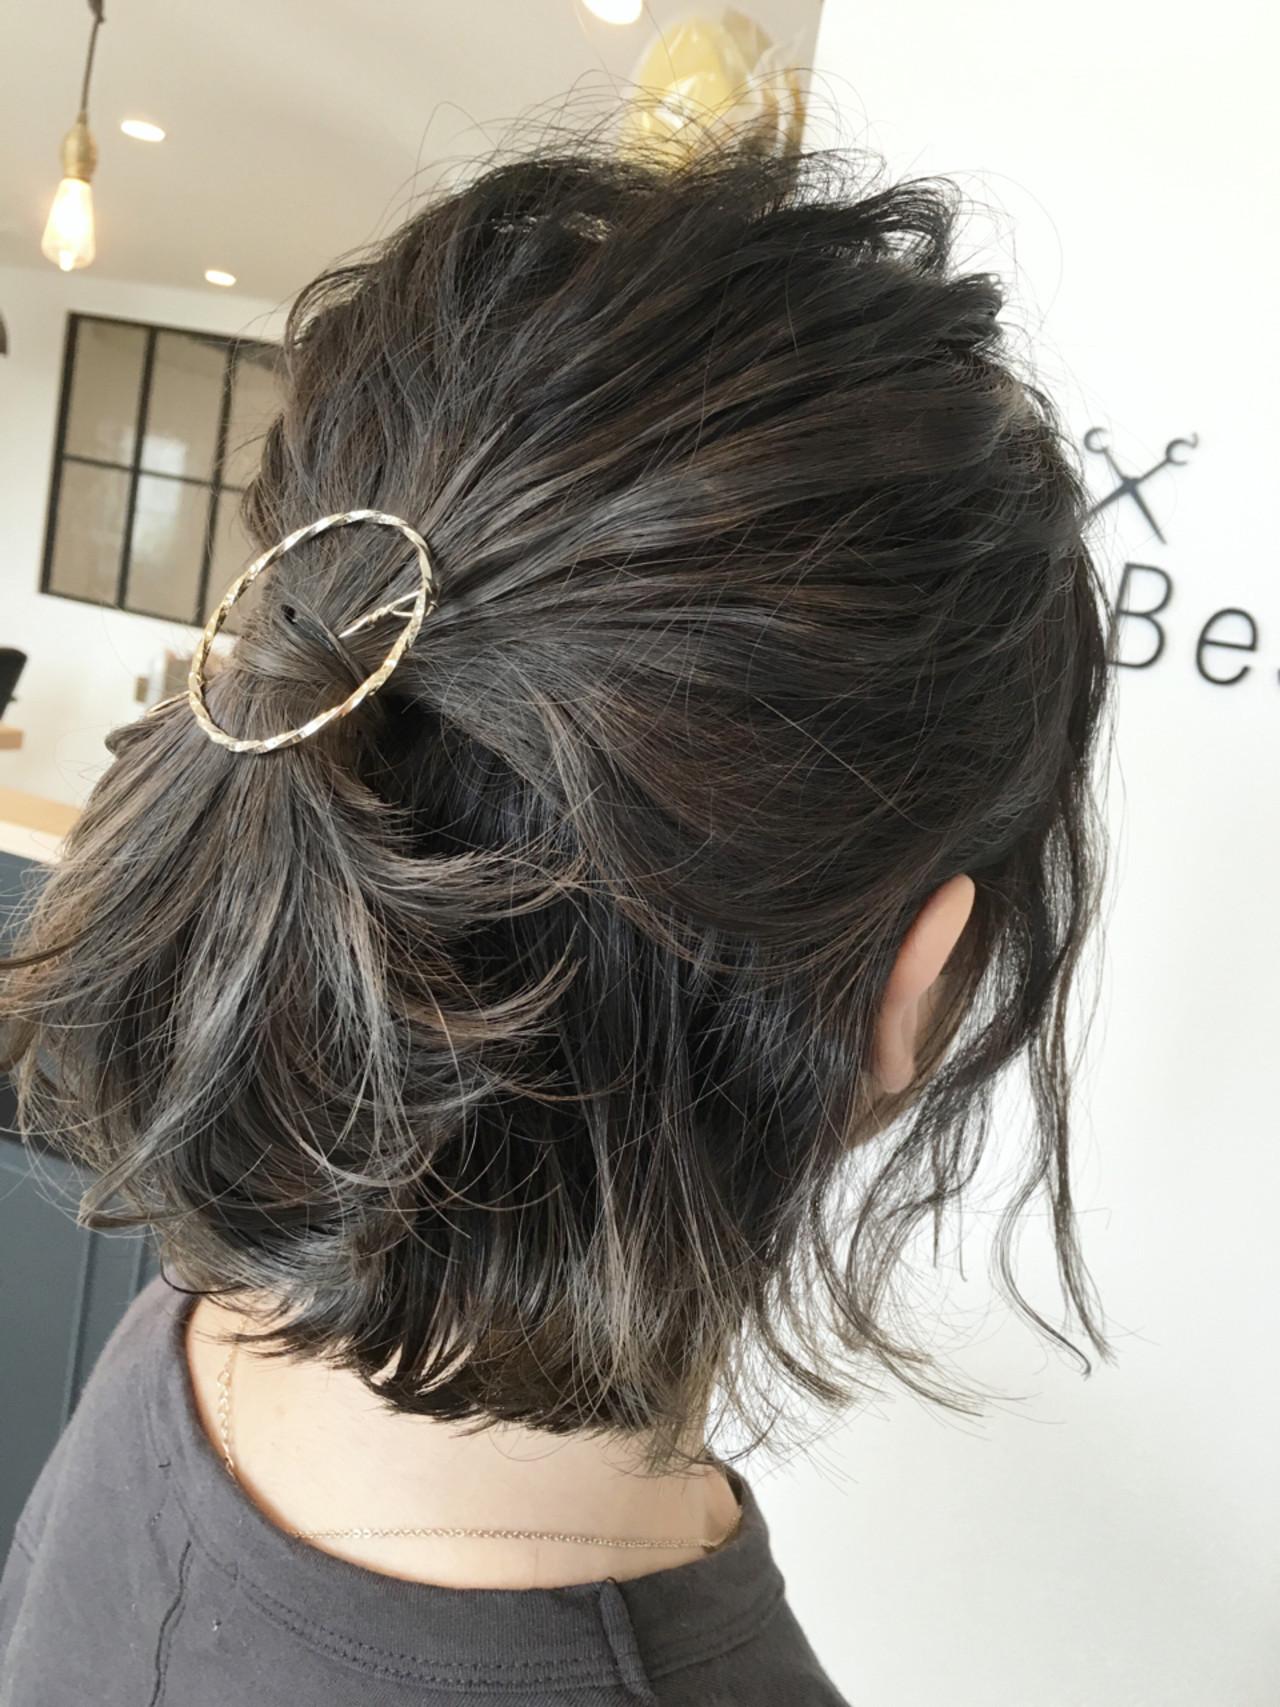 【美容師直伝】ロブがかわいく見える♡おすすめヘアアレンジ集 鳥越 ありさ | hair…nail TLABeS